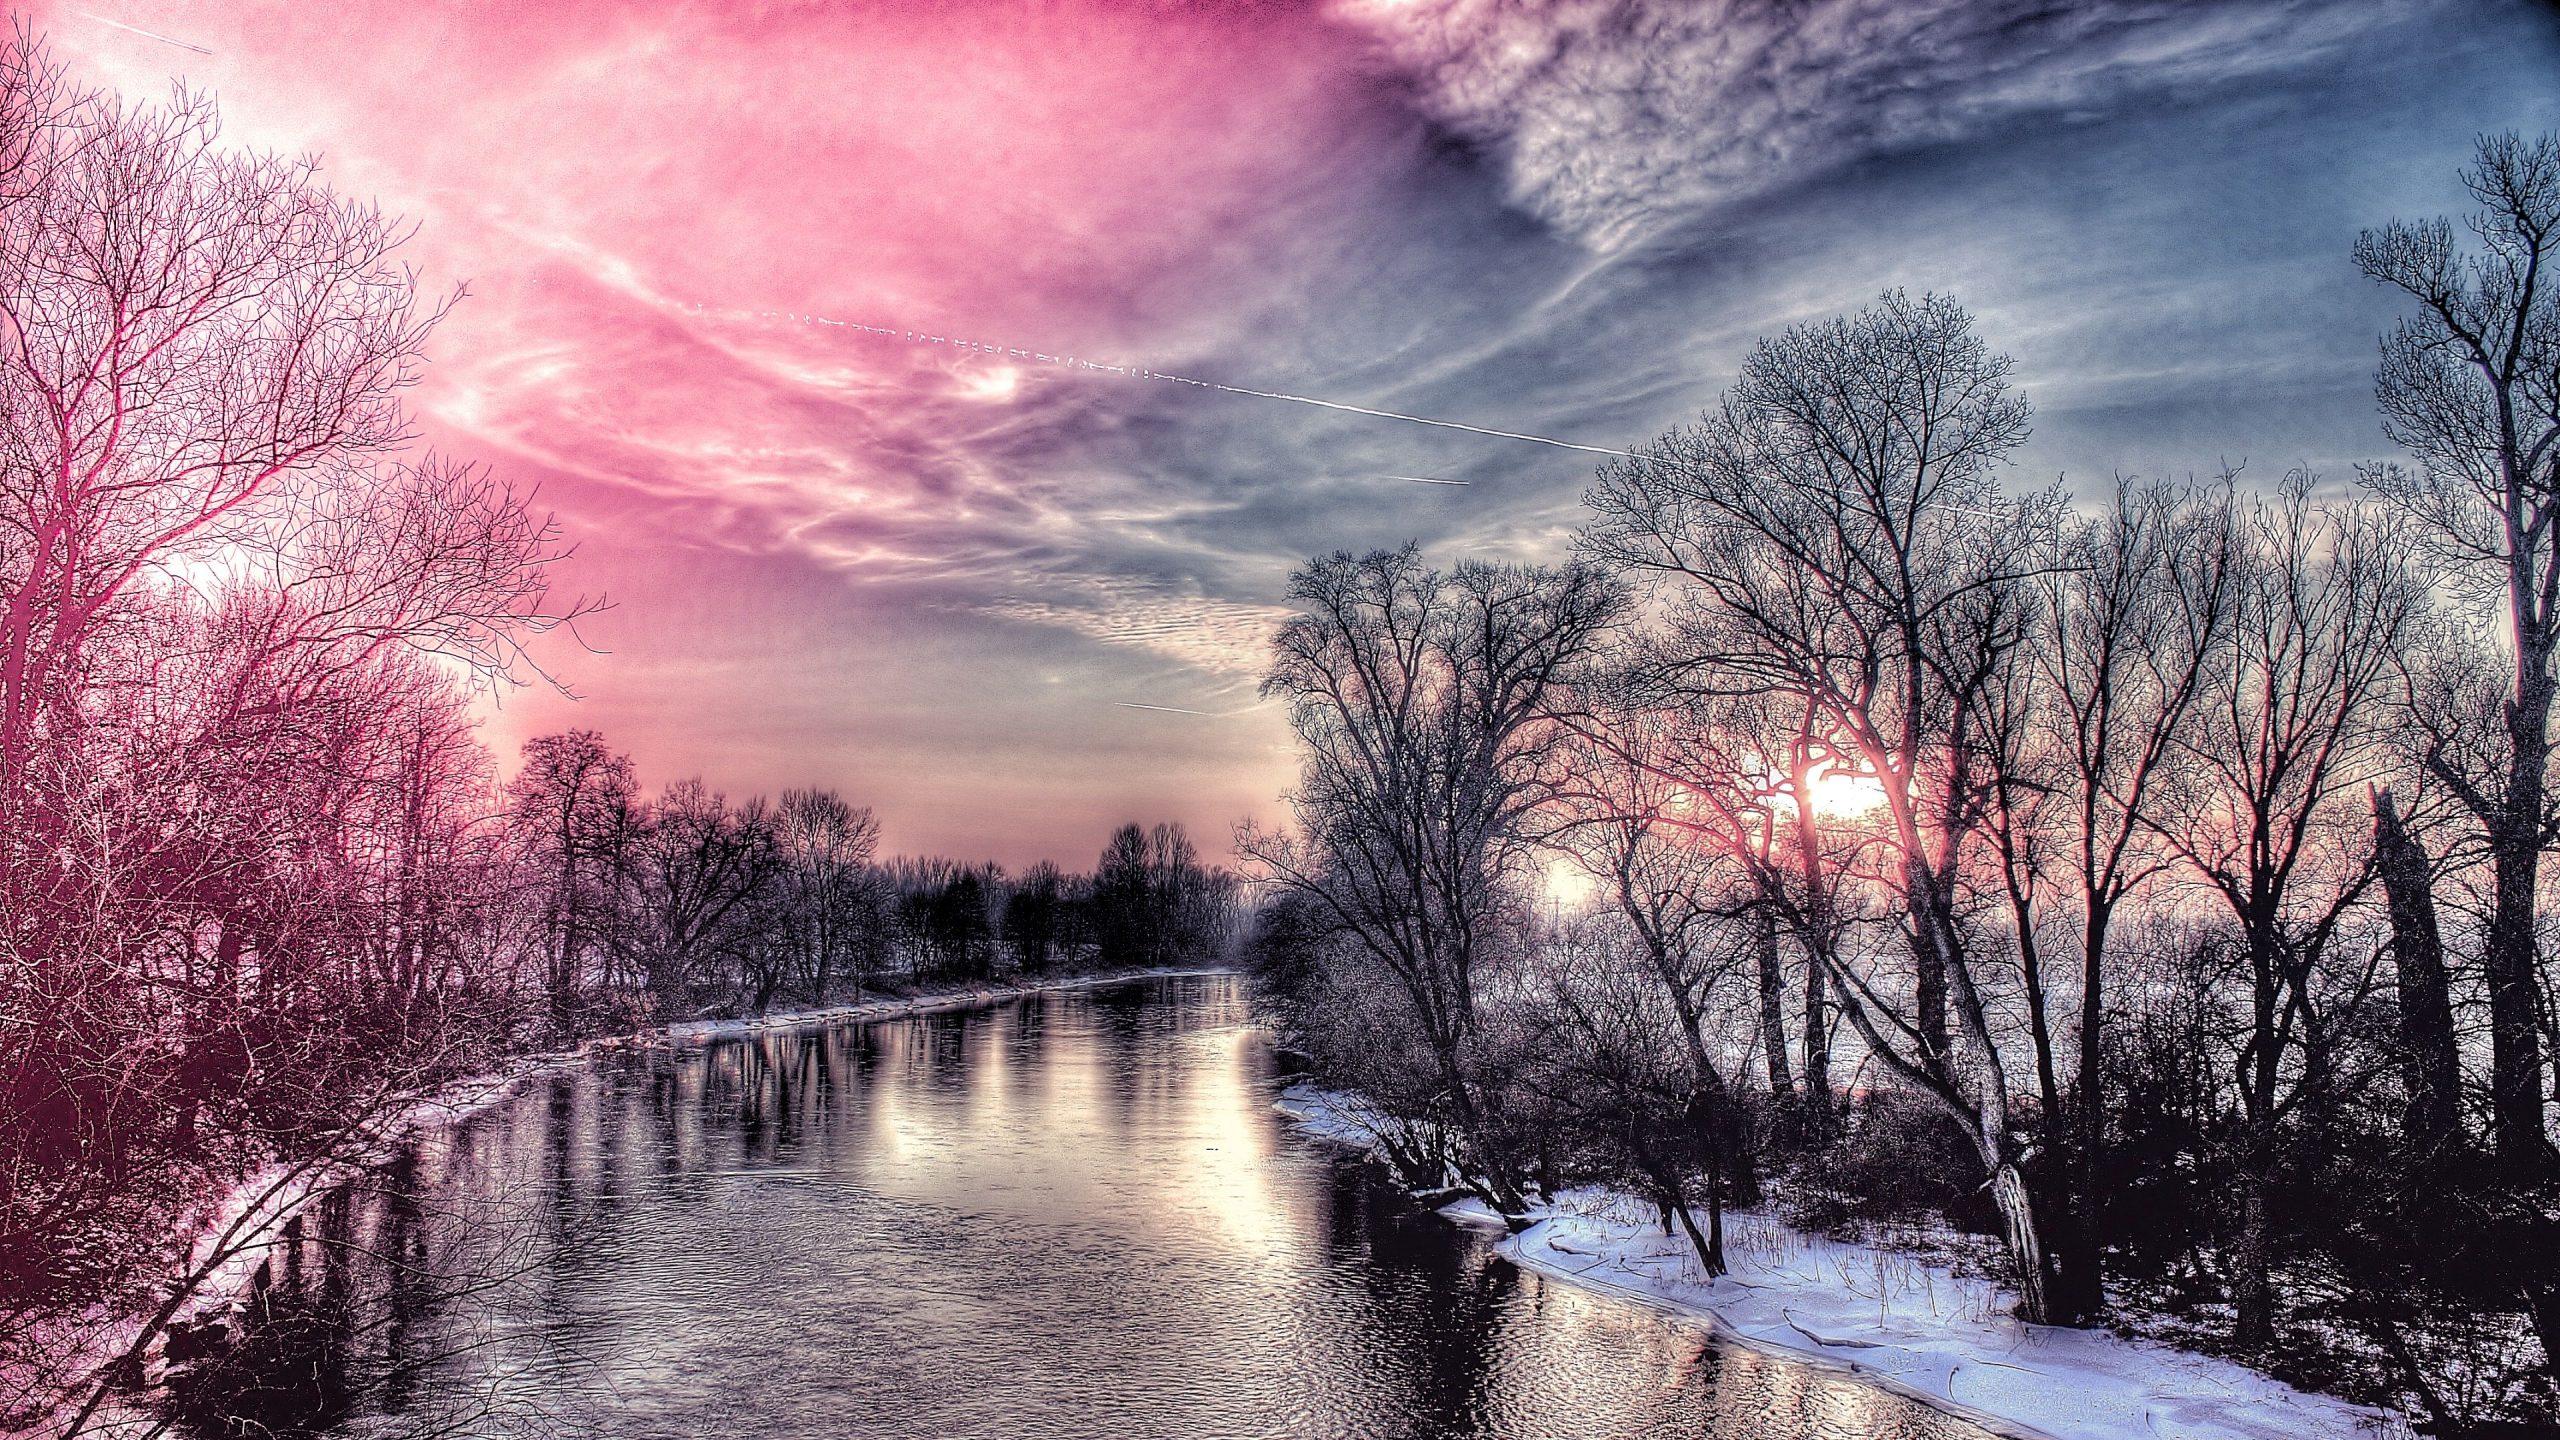 Winter Snow Scenes hd wallpaper 1080p for pc